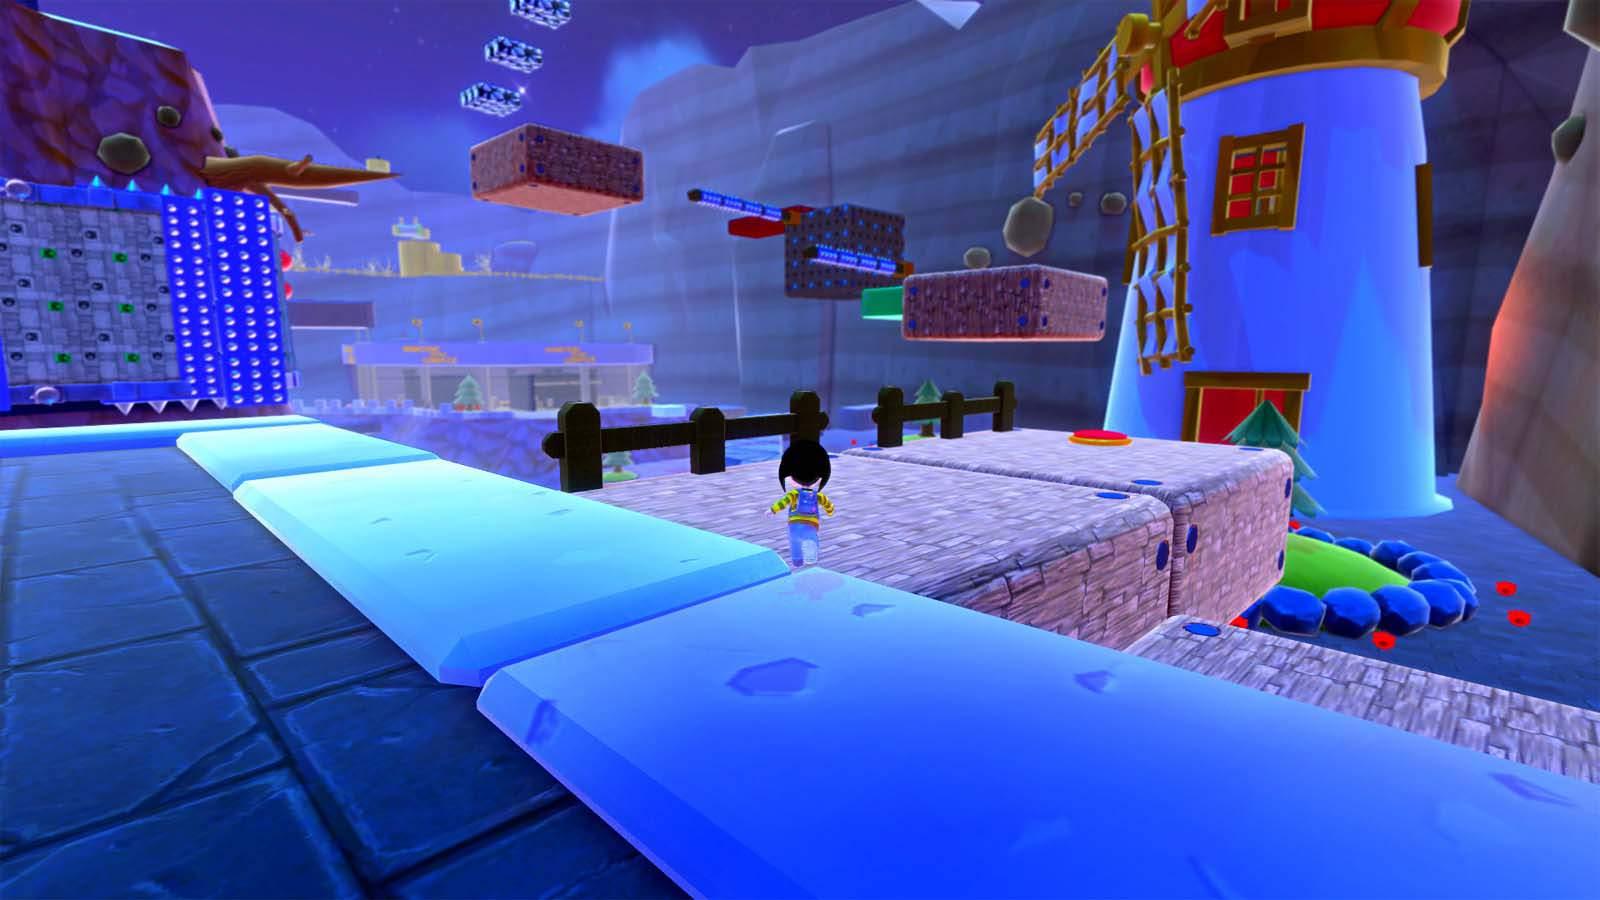 تحميل لعبة FreezeME مضغوطة برابط واحد مباشر كاملة مجانا